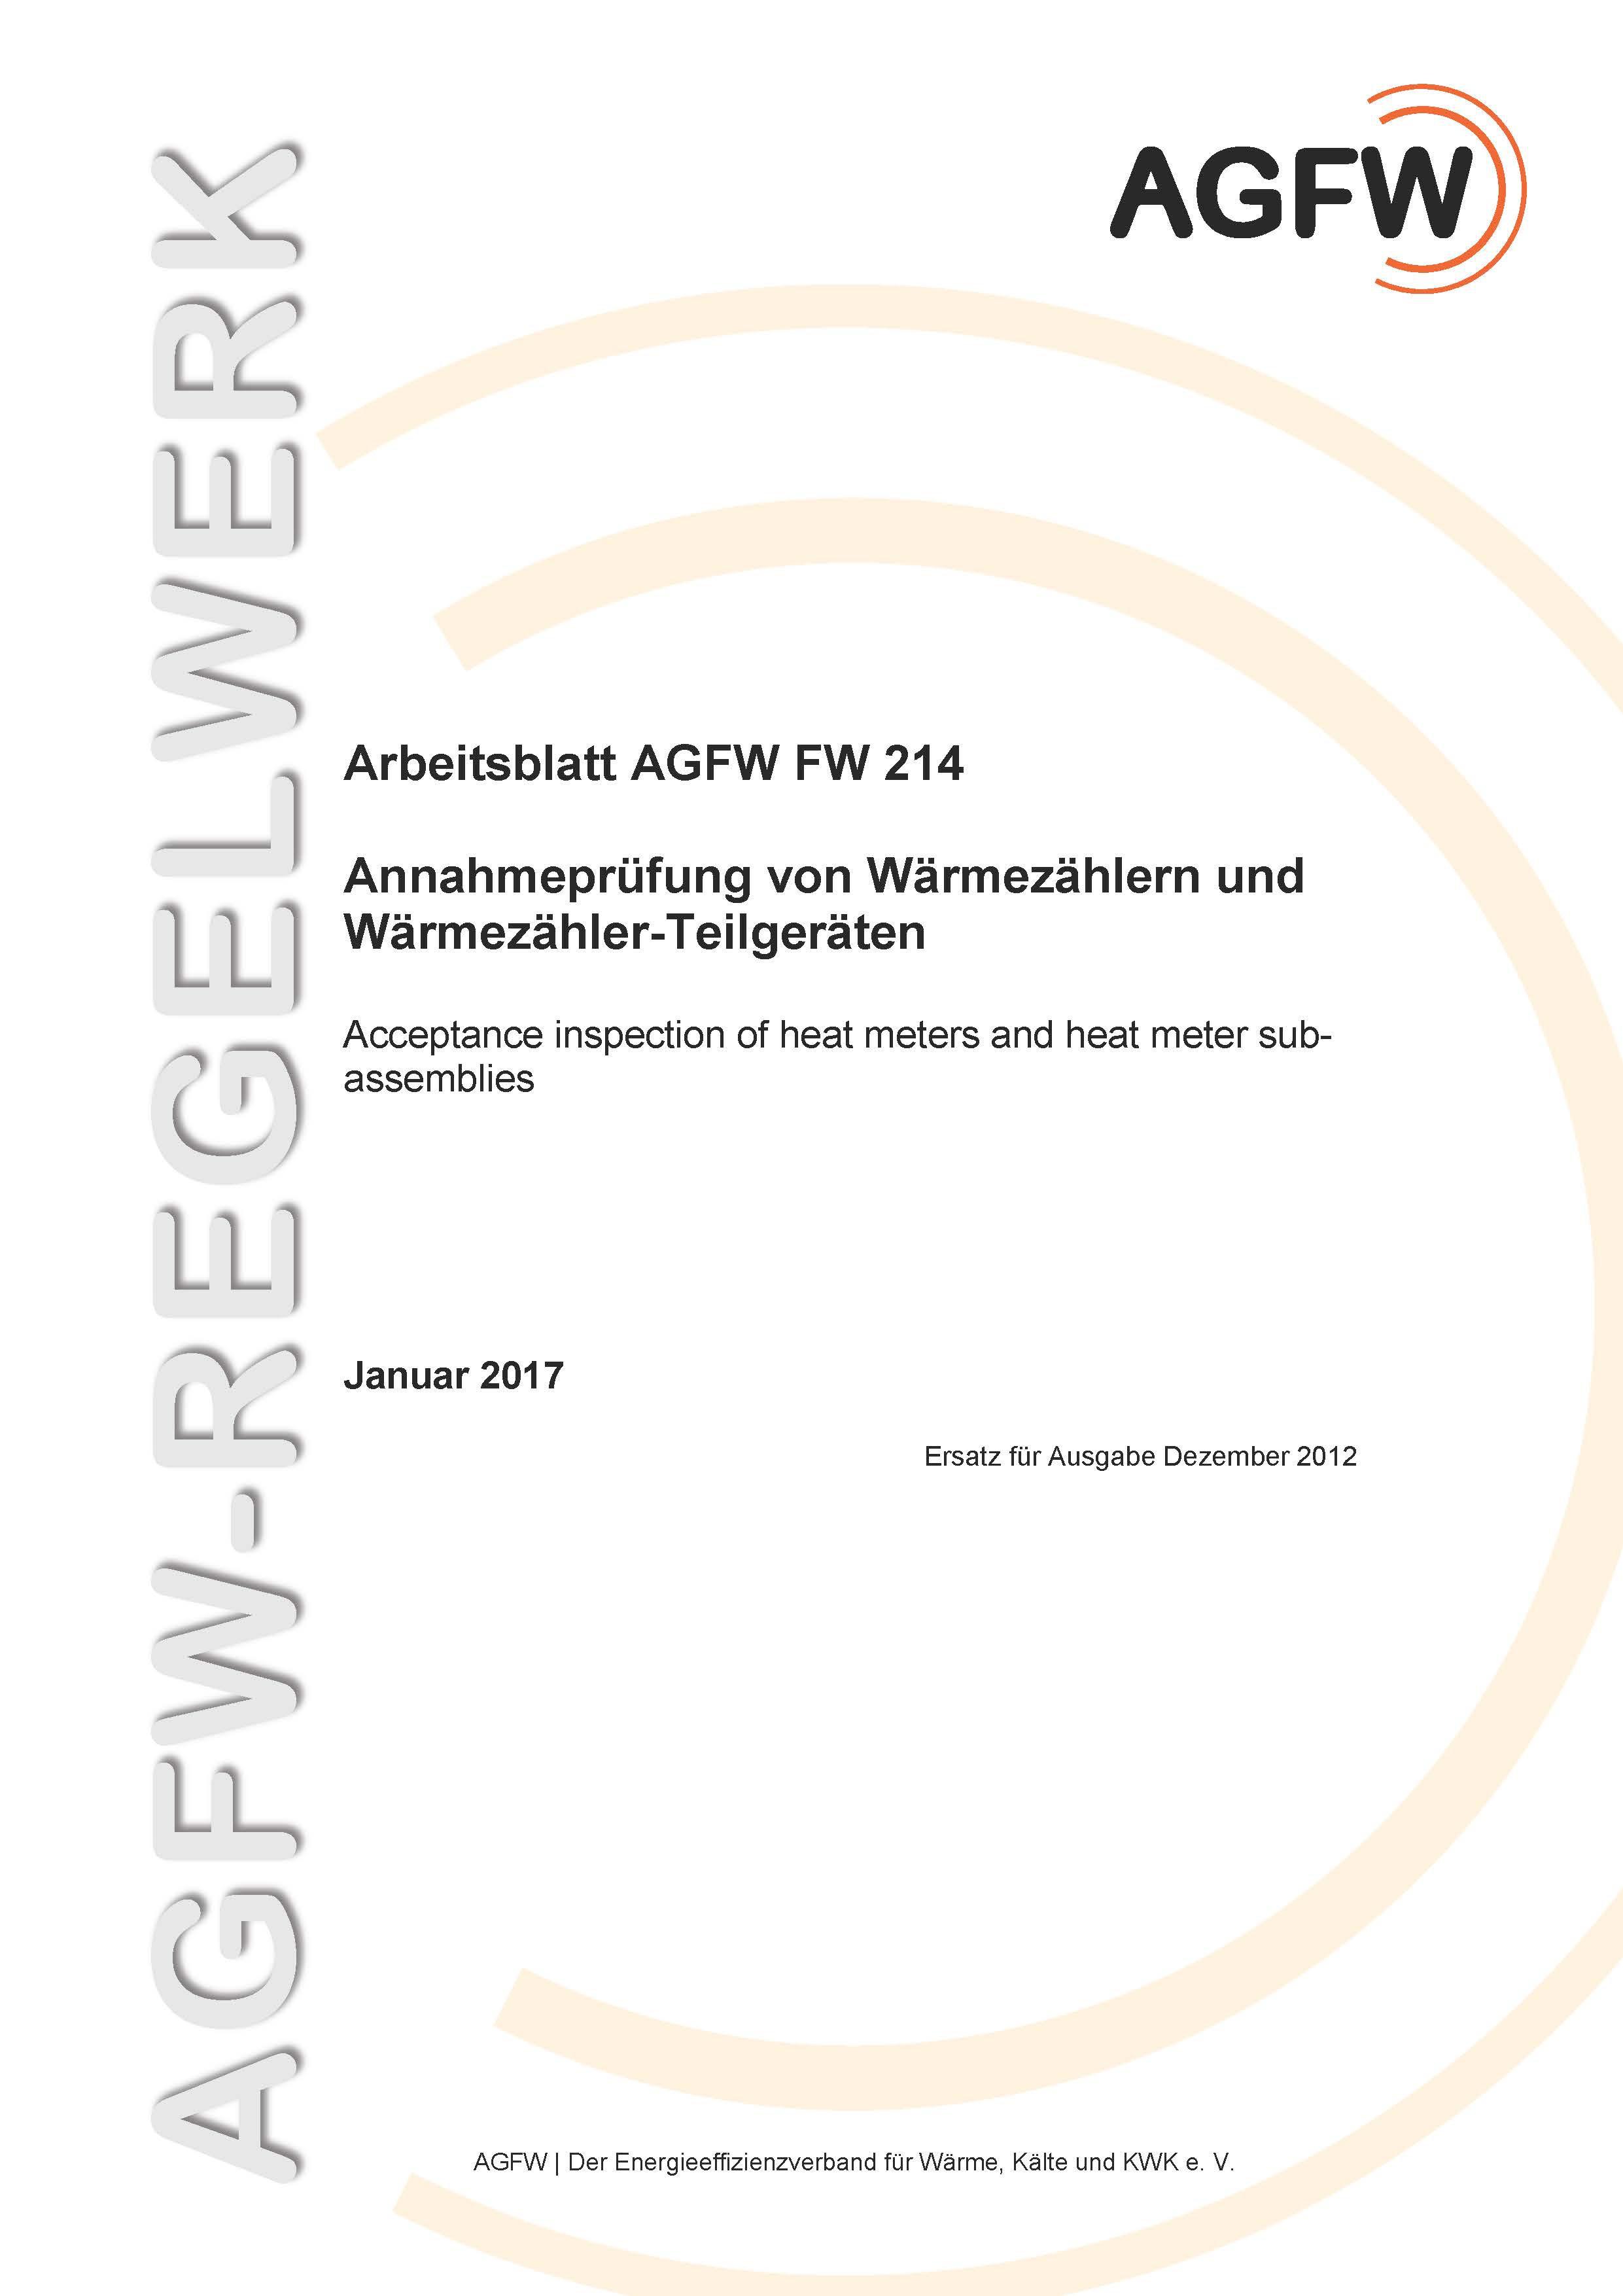 FW 214 - Annahmeprüfung von Wärmezählern und Wärmezähler-Teilgeräten ...